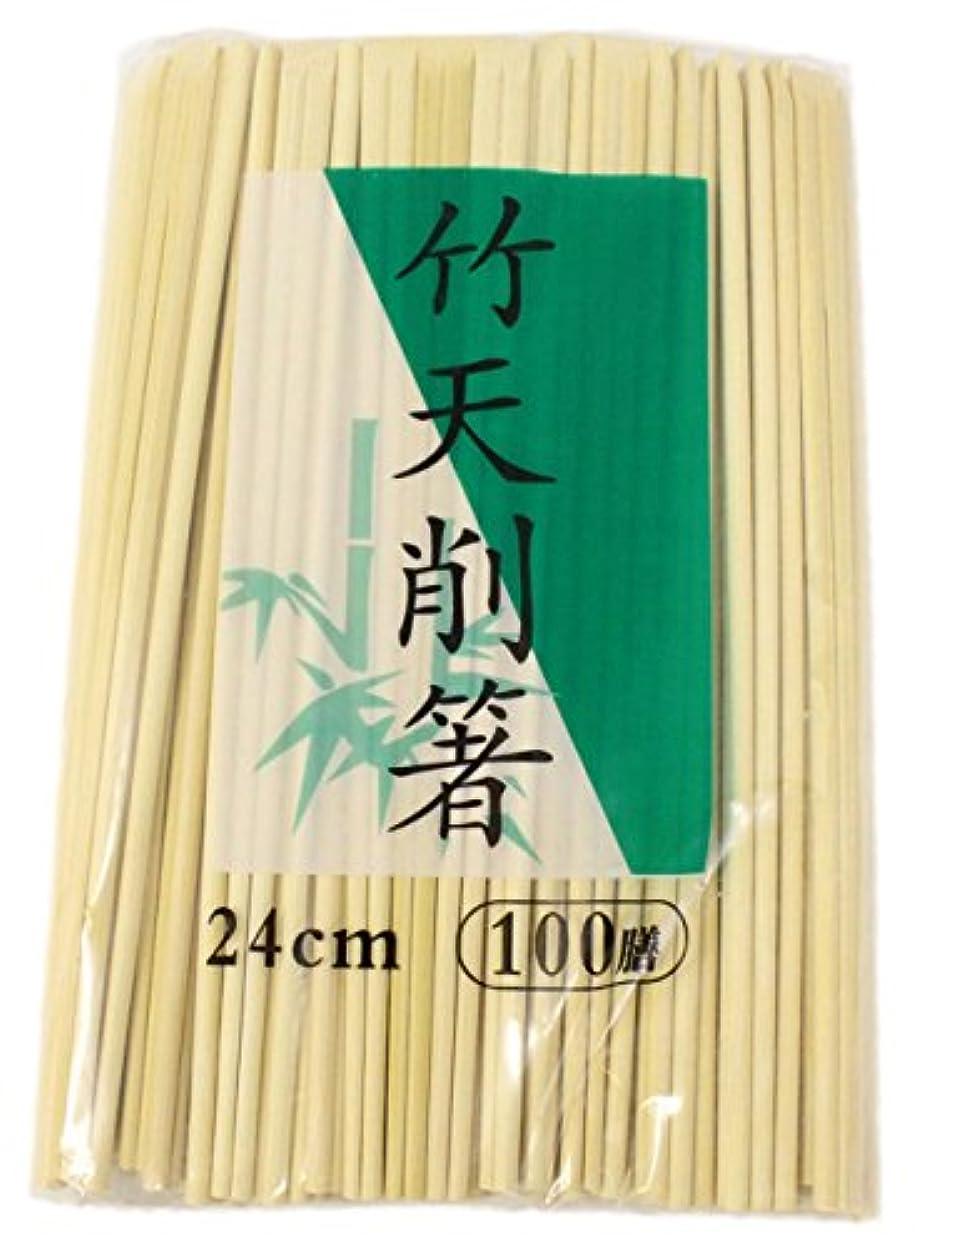 リーズシャット再編成する業務用 割り箸 竹 天削箸 100膳入り すこ~し長めで使いやすい 24cm